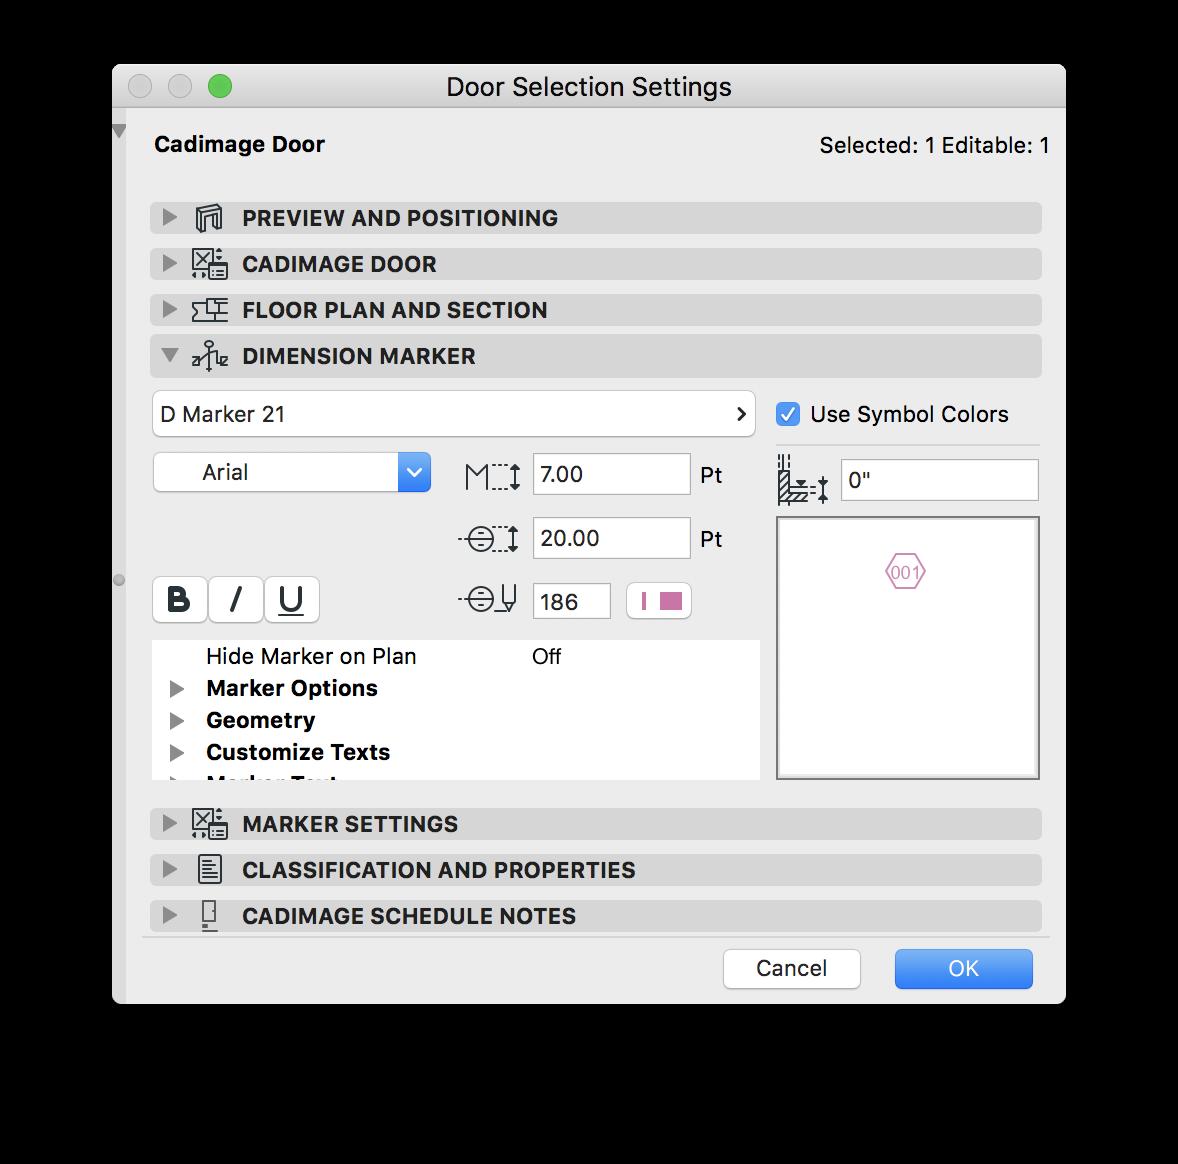 02 - Default Marker Settings